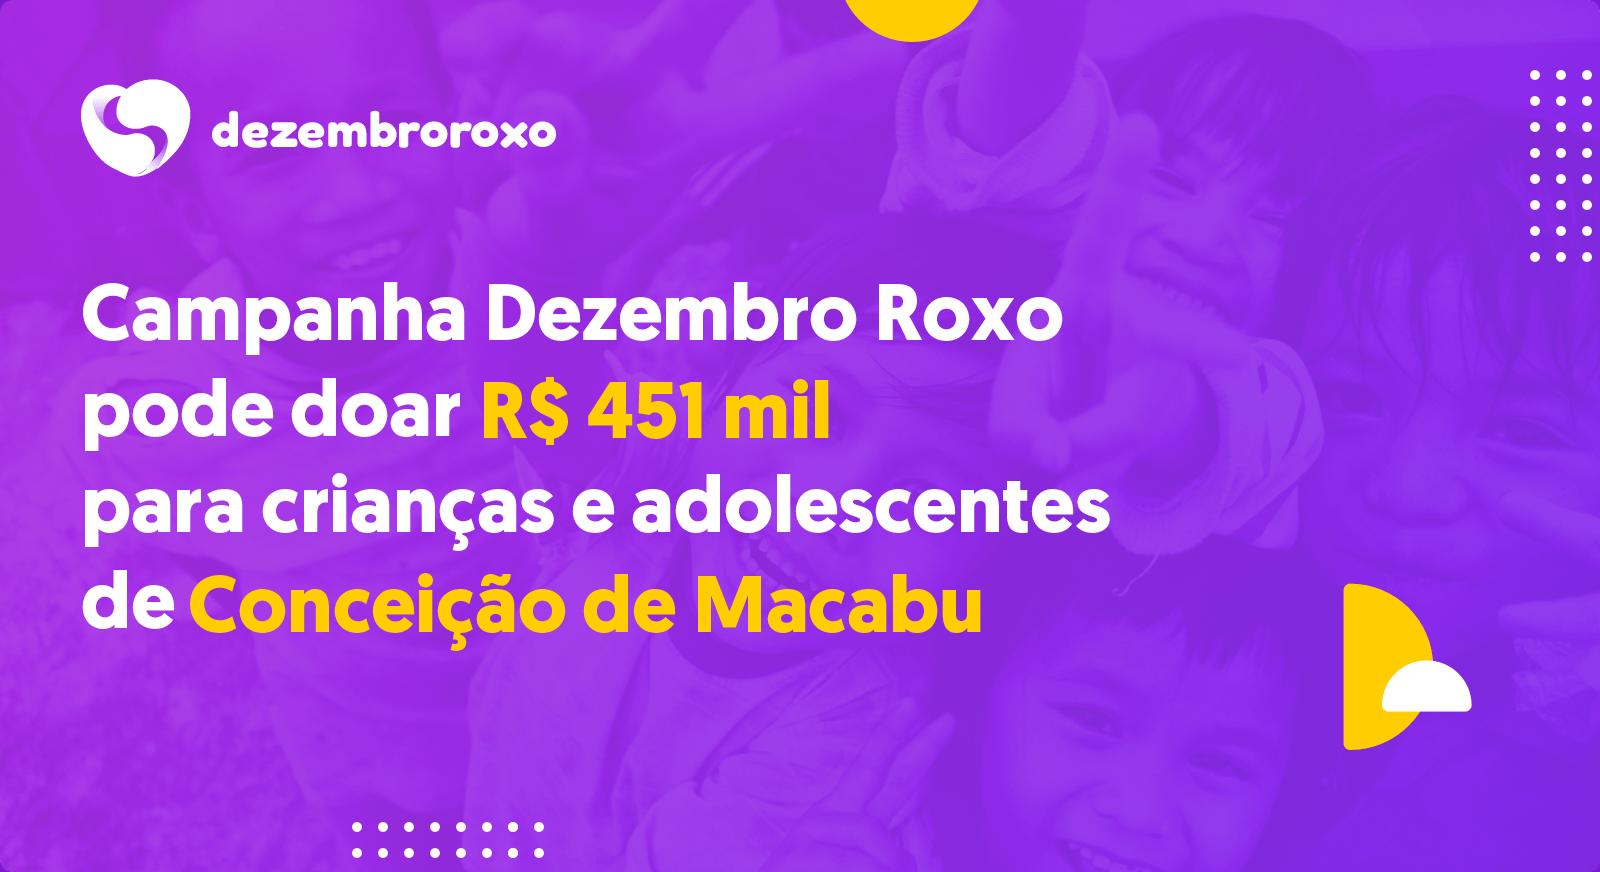 Doações em Conceição de Macabu - RJ